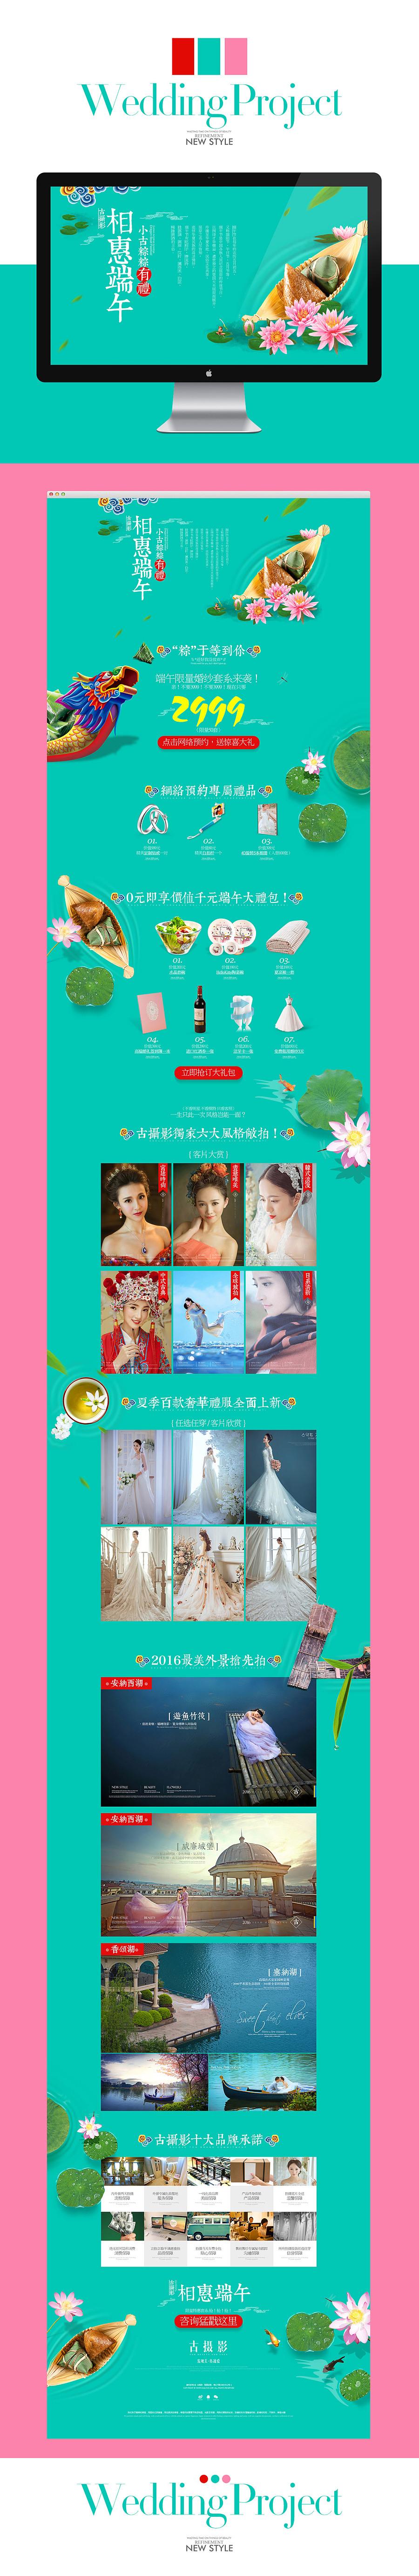 查看《情人节专题/婚纱摄影专题/艺术照专题/端午节专题》原图,原图尺寸:1280x7863